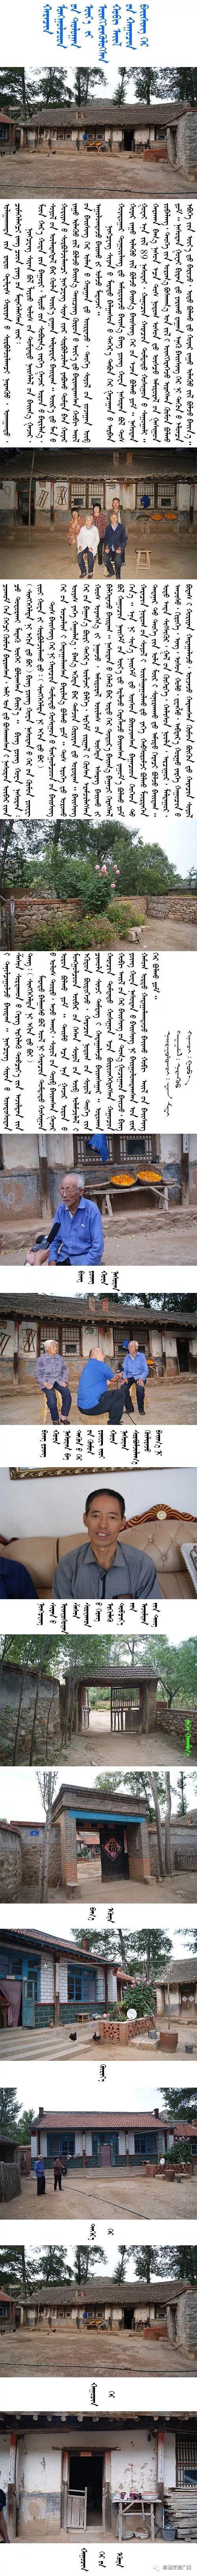 【音频】 养育七代人的喀喇沁蒙古族老房子 第1张 【音频】 养育七代人的喀喇沁蒙古族老房子 蒙古文化